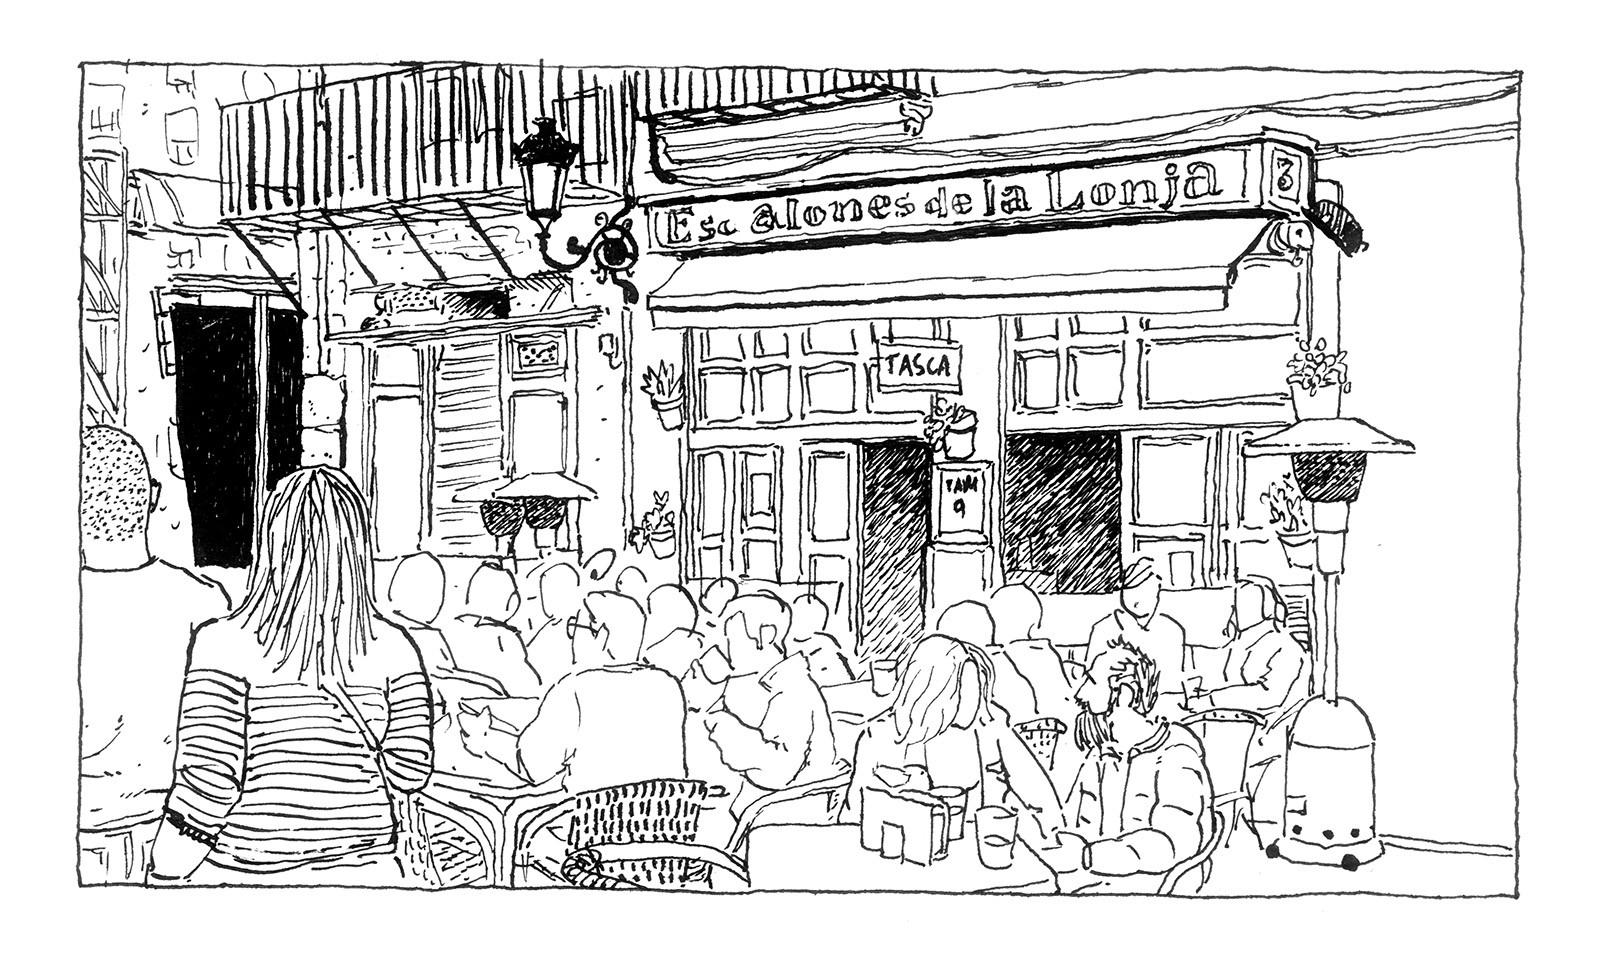 Dibujo en blanco y negro del bar Los Escalones de la lonja en Valencia